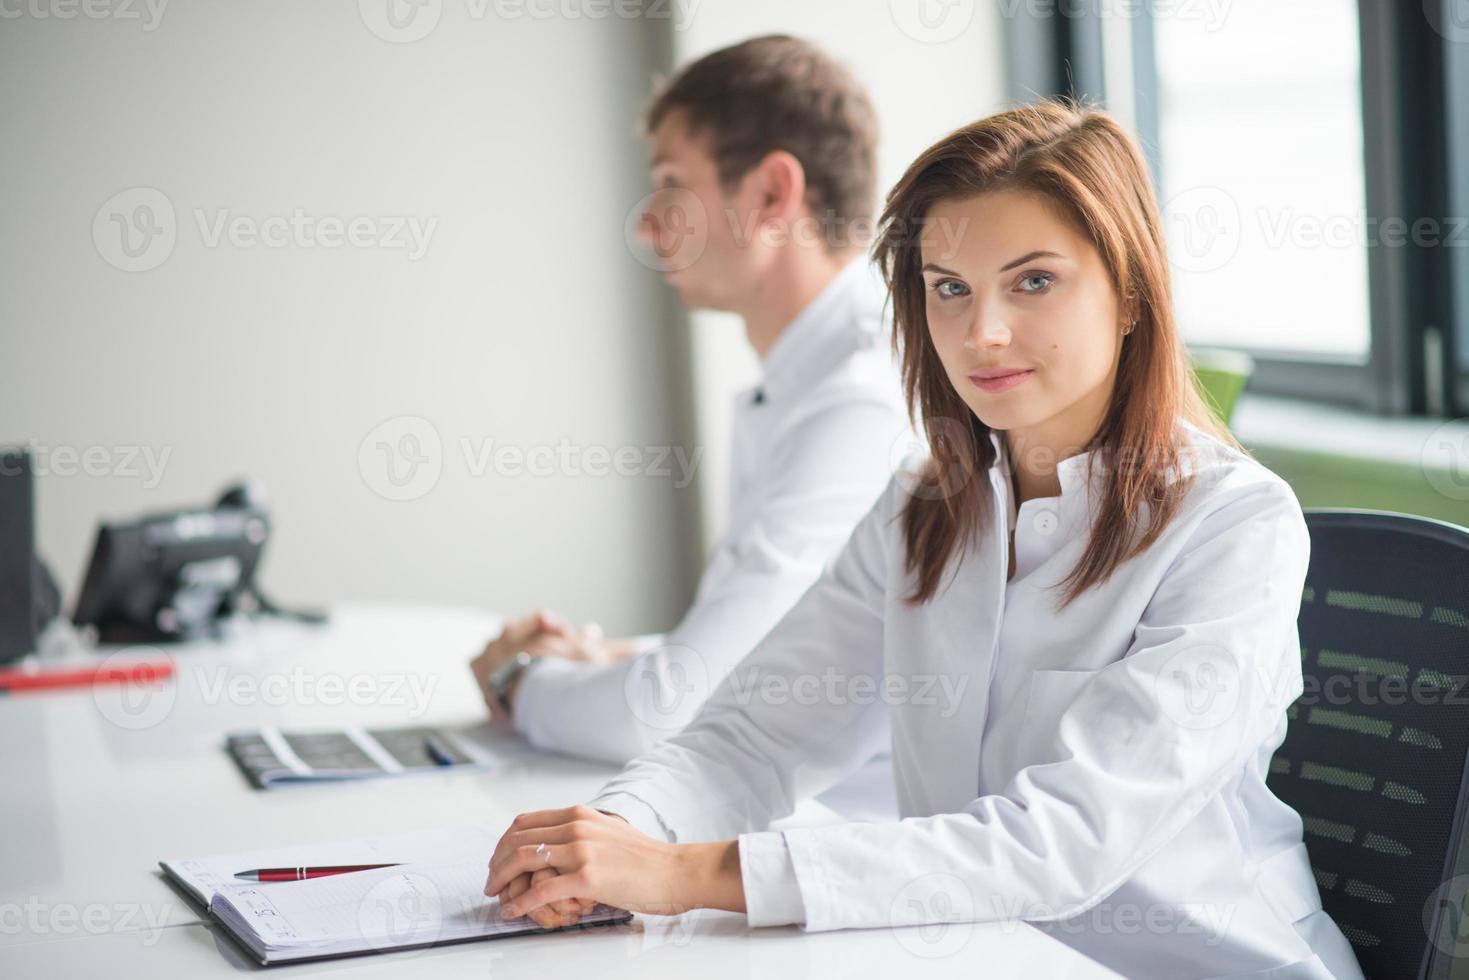 medisch consult met twee artsen foto